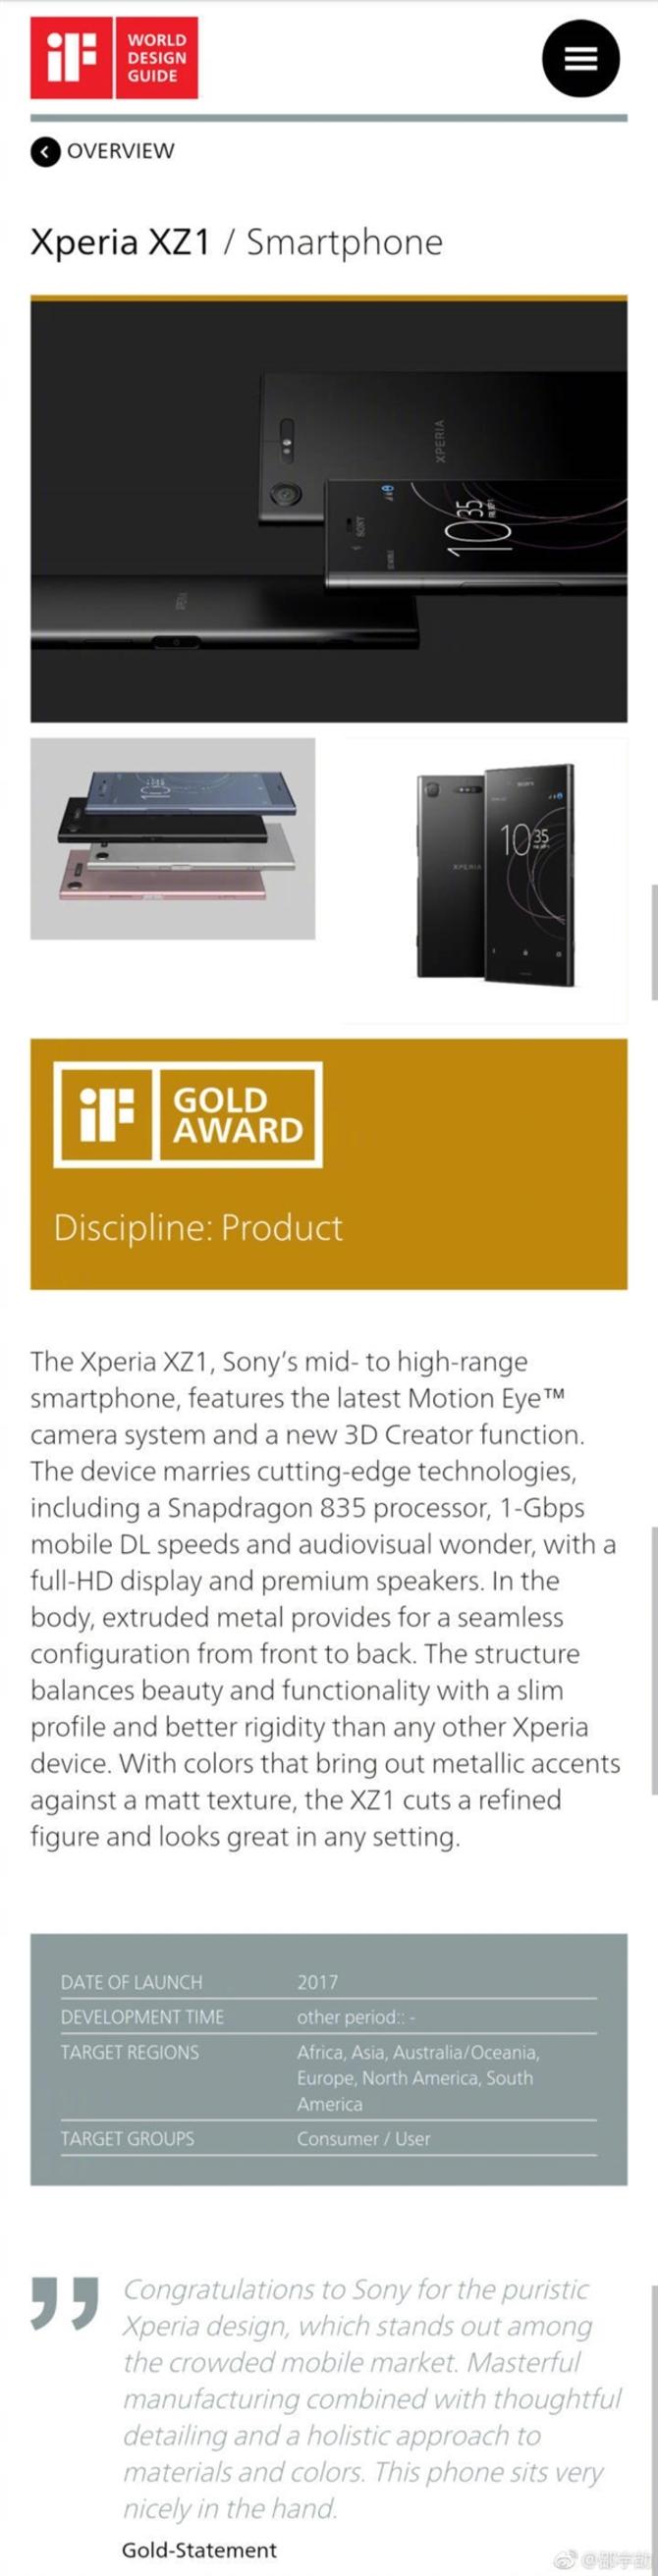 独特赢得青睐 索尼Xperia XZ1获iF设计金奖